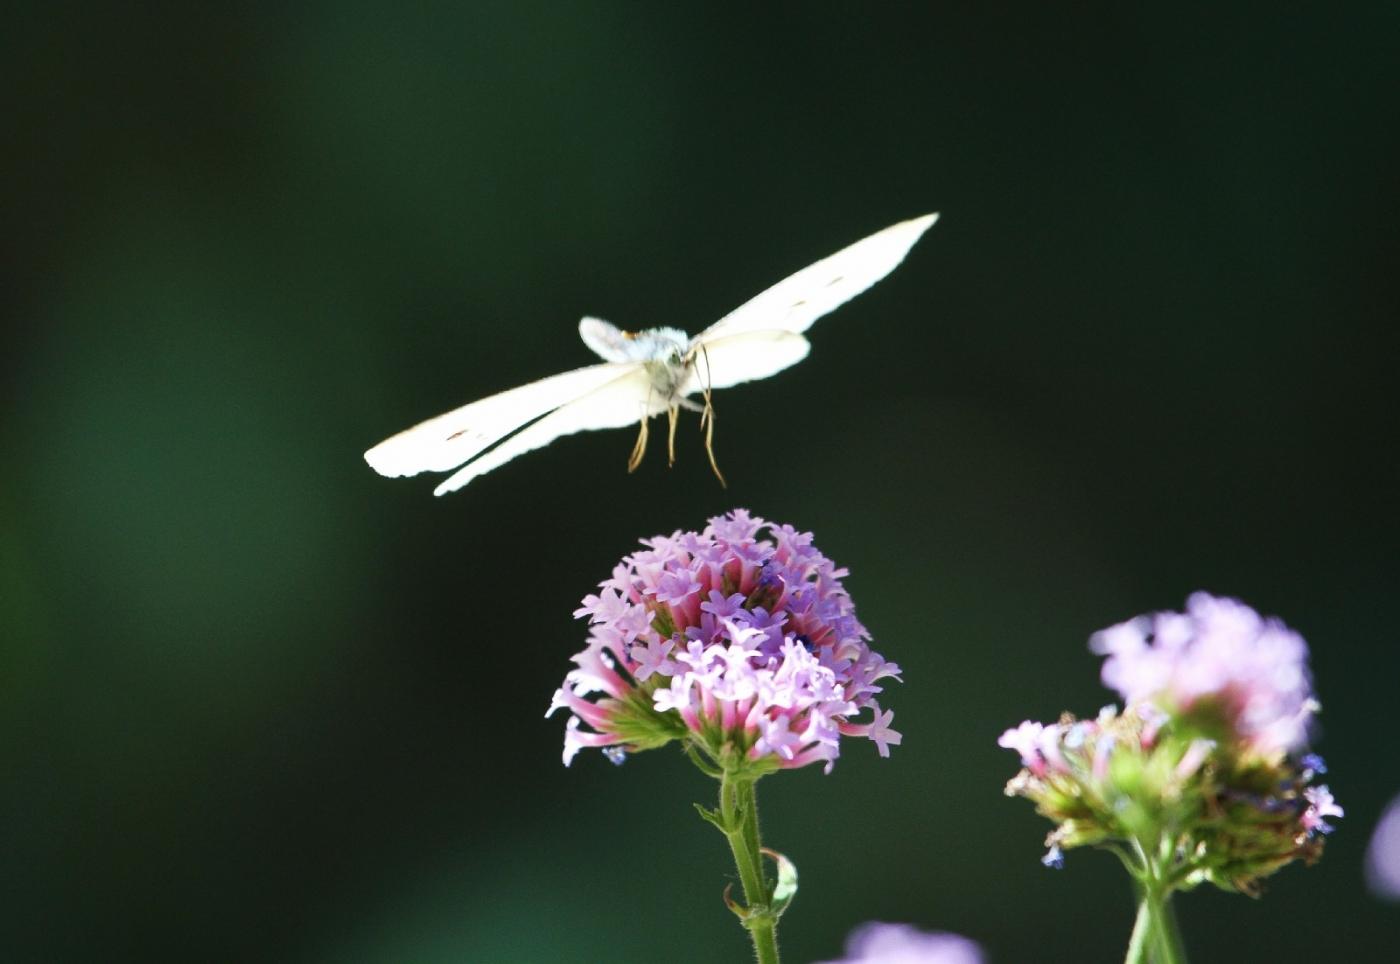 【田螺随拍】我种了马鞭草蝴蝶就来了_图1-7